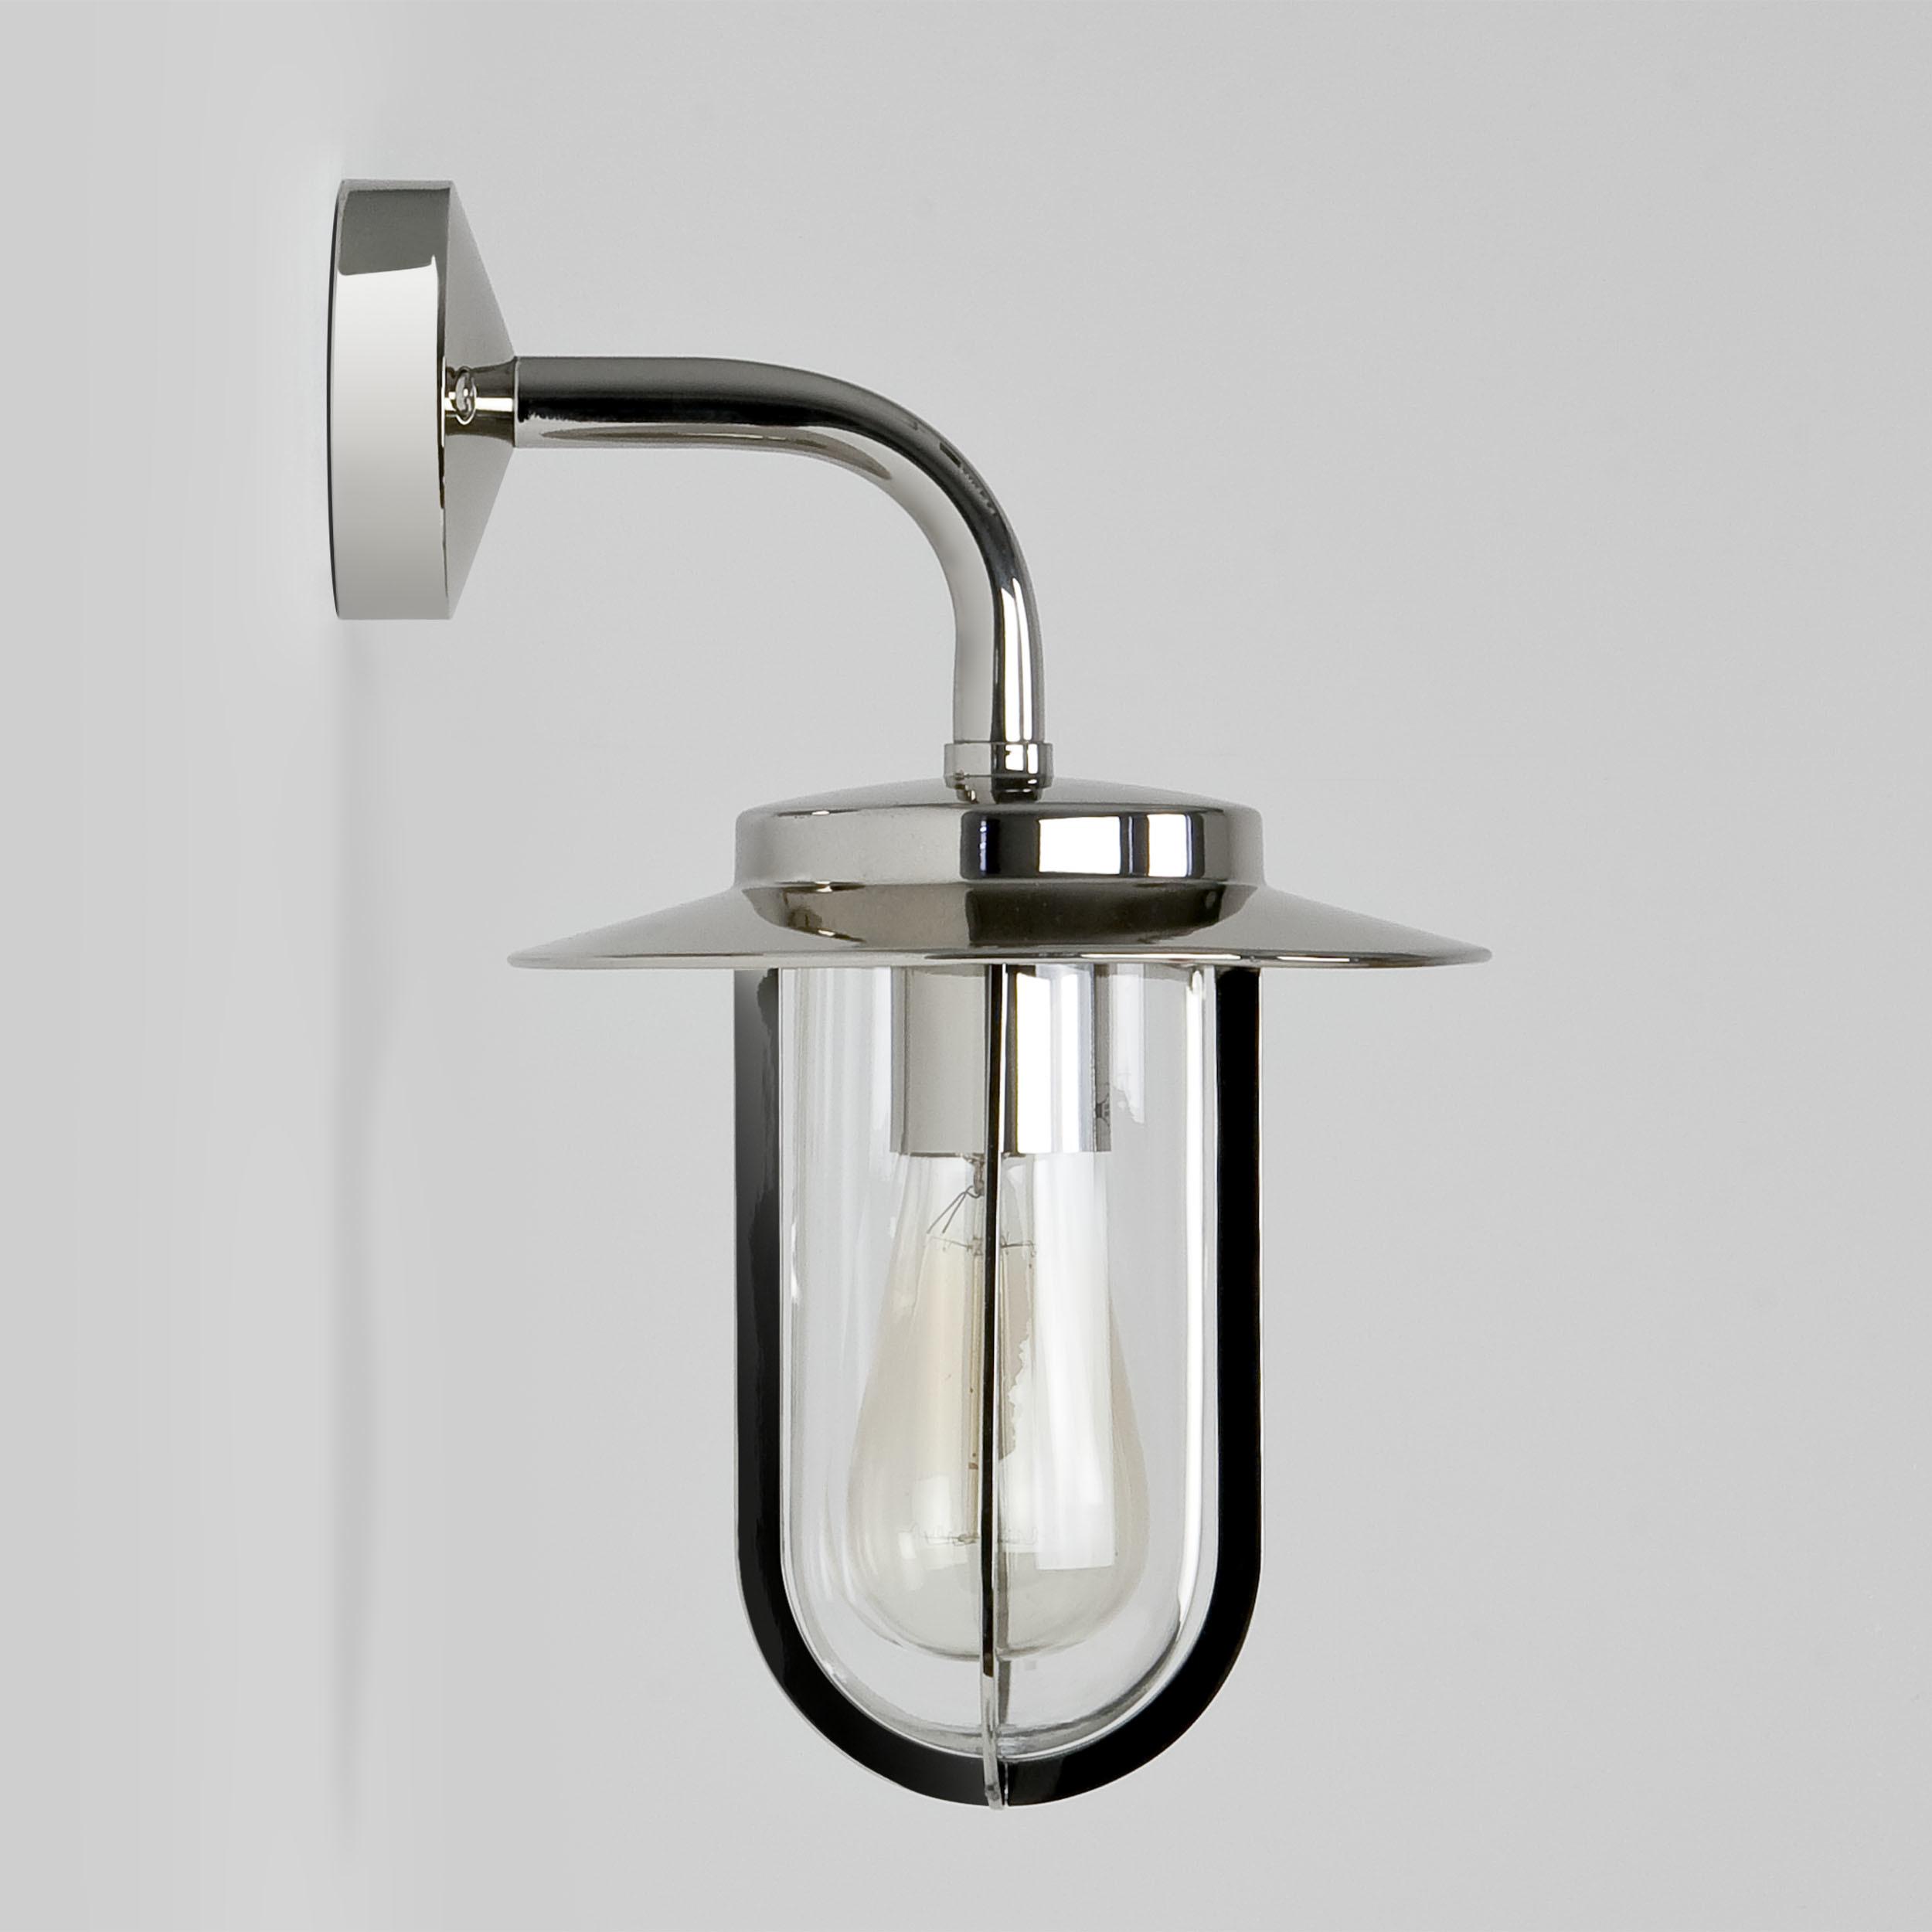 Настенный фонарь Astro Montparnasse 1096001 (484), IP44, 1xE27x60W, хром, прозрачный, металл, металл со стеклом - фото 3